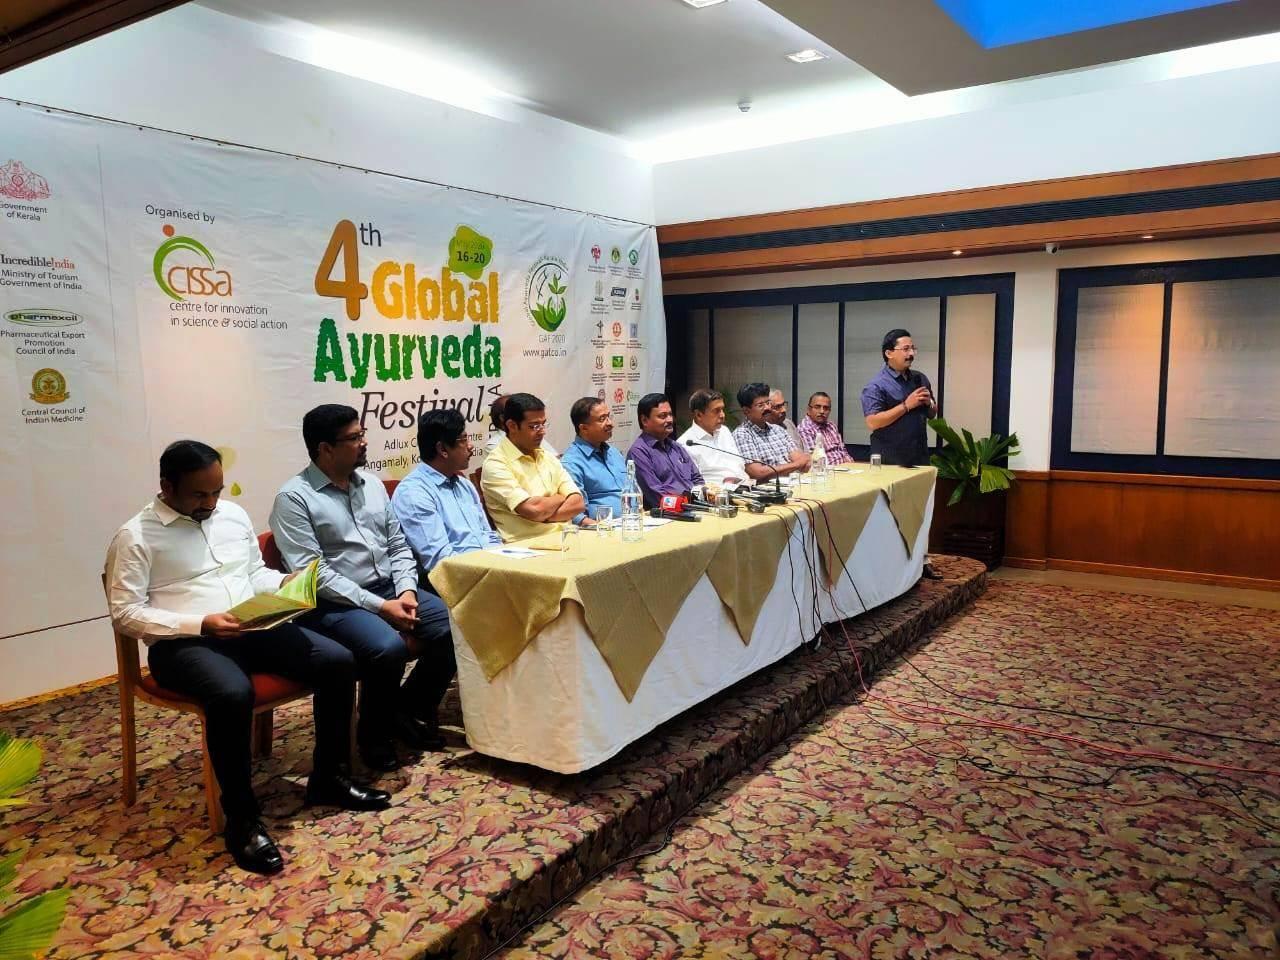 ആഗോള വിപണിയും ഗവേഷണവും മെഡിക്കൽ ടൂറിസവും ലക്ഷ്യമിട്ട് ഗ്ലോബൽ ആയുർവേദ ഫെസ്റ്റിവൽ 2020